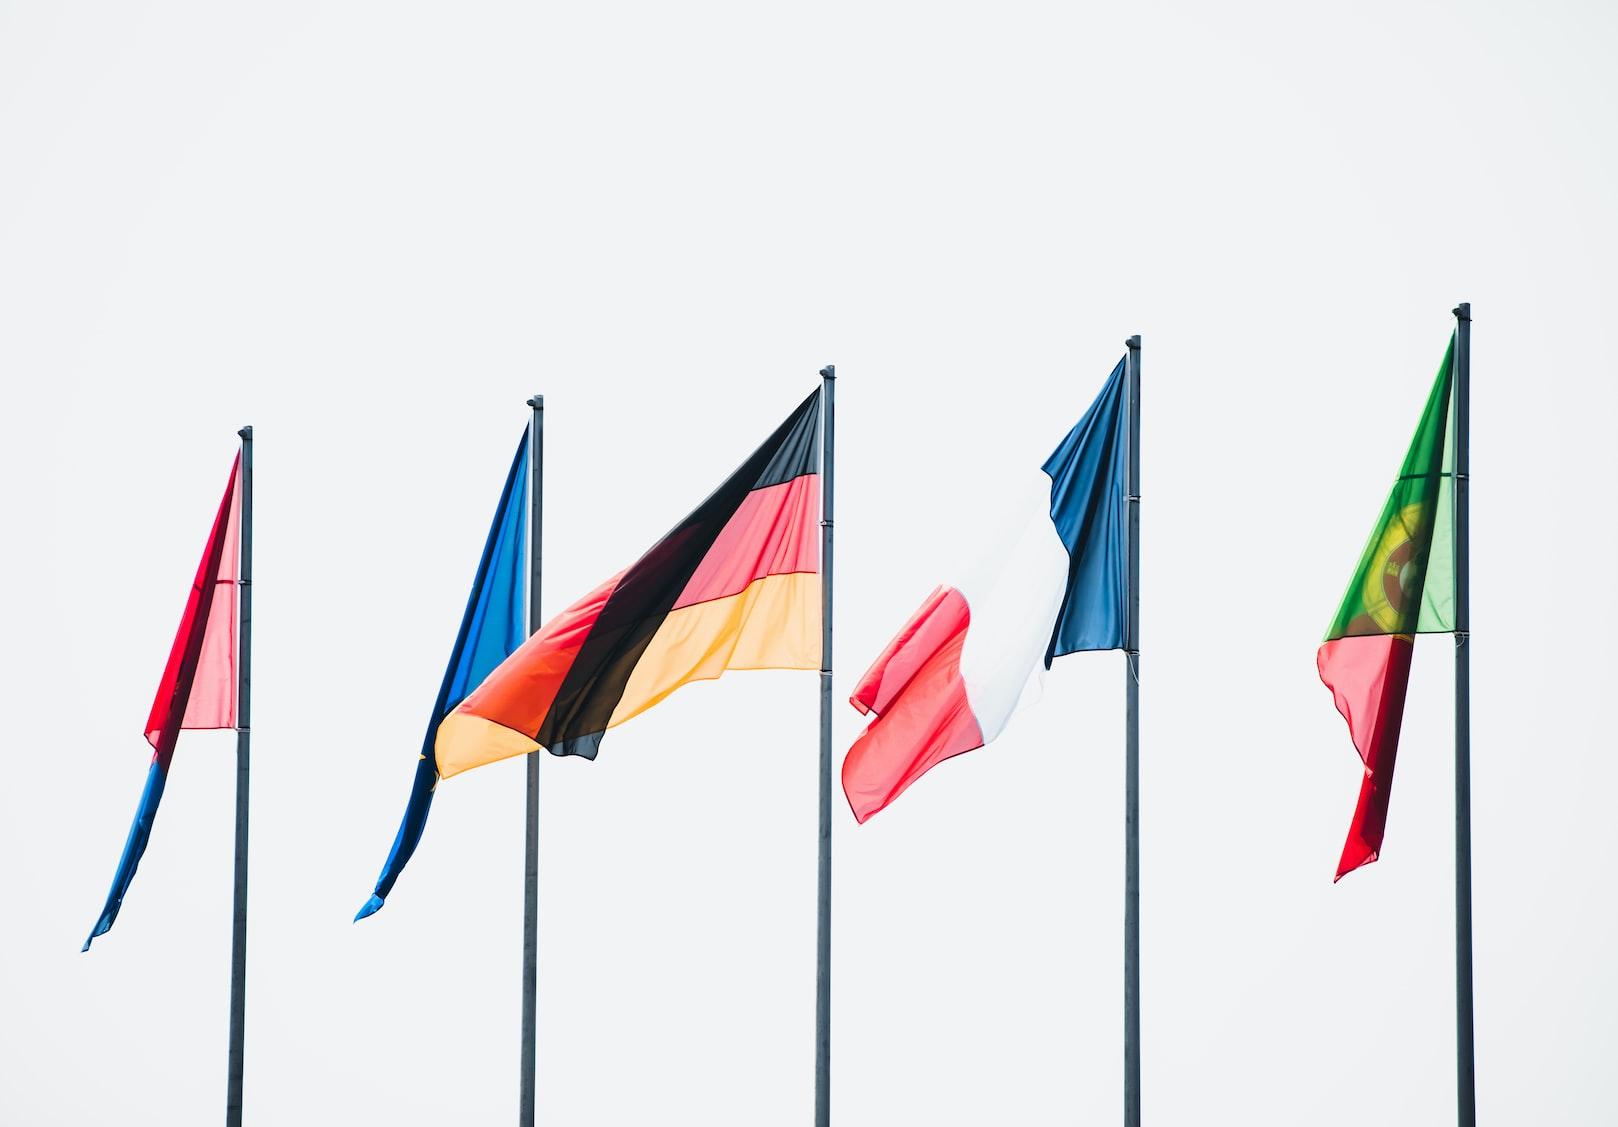 svetove vlajky